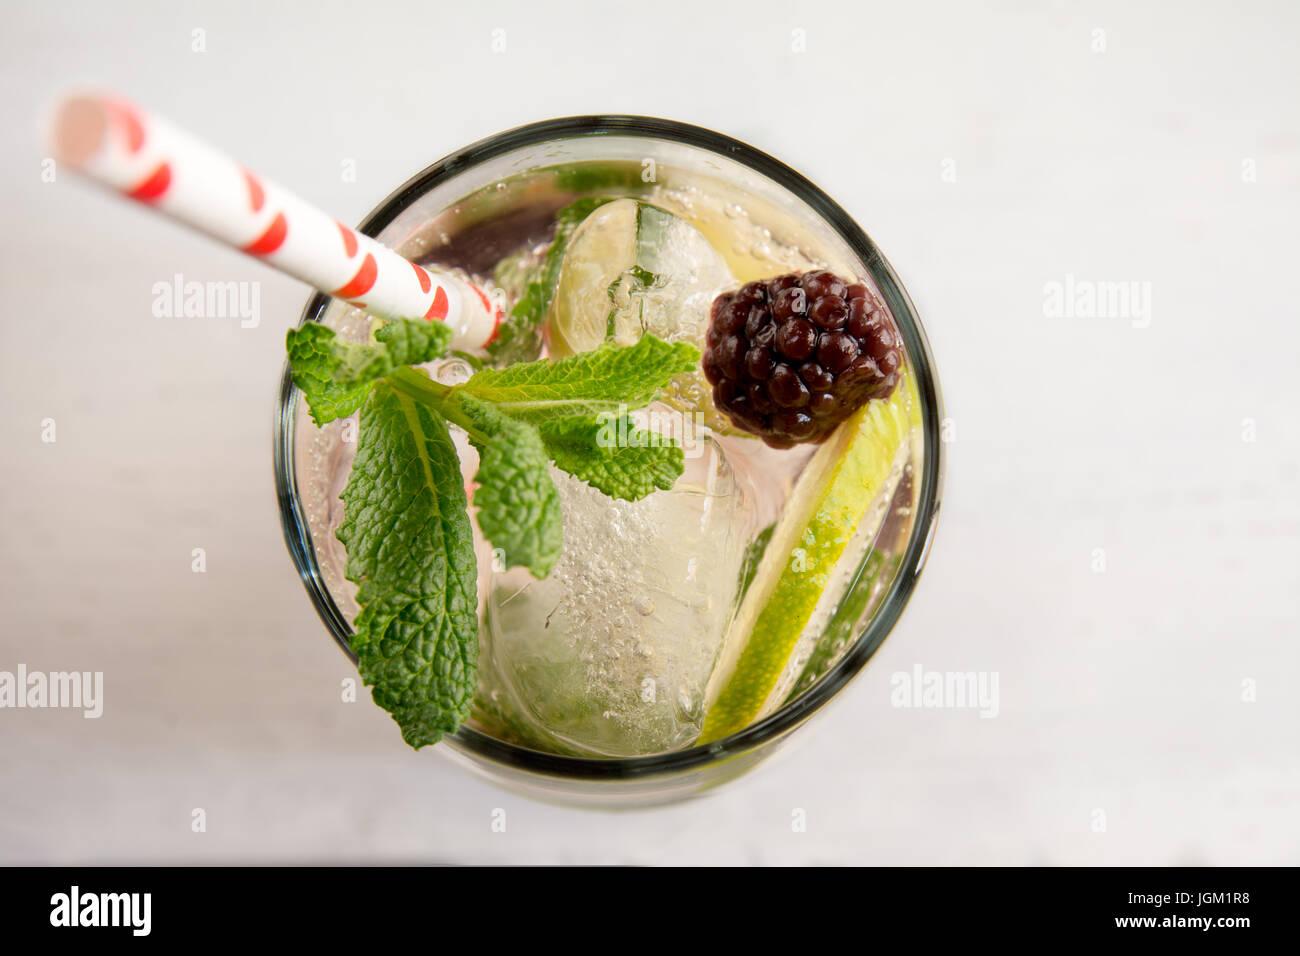 Il gin tonic cocktail con calce, frutto rosso ghiaccio e menta, sfondo bianco. Close up dettaglio Immagini Stock